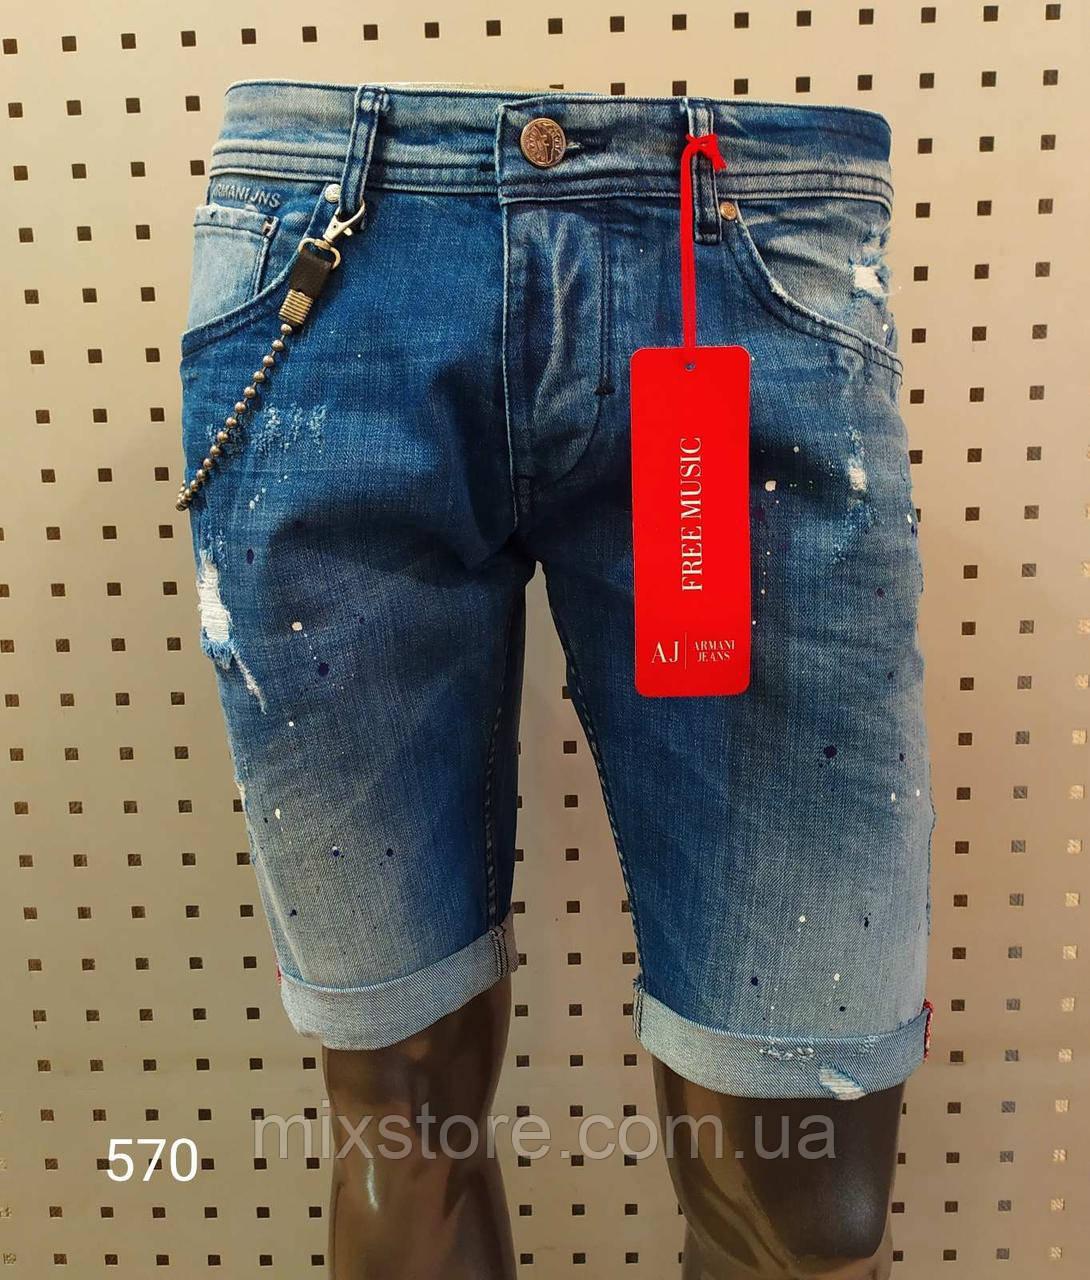 Чоловічі джинсові шорти ARMANI,копія класу люкс.Туреччина